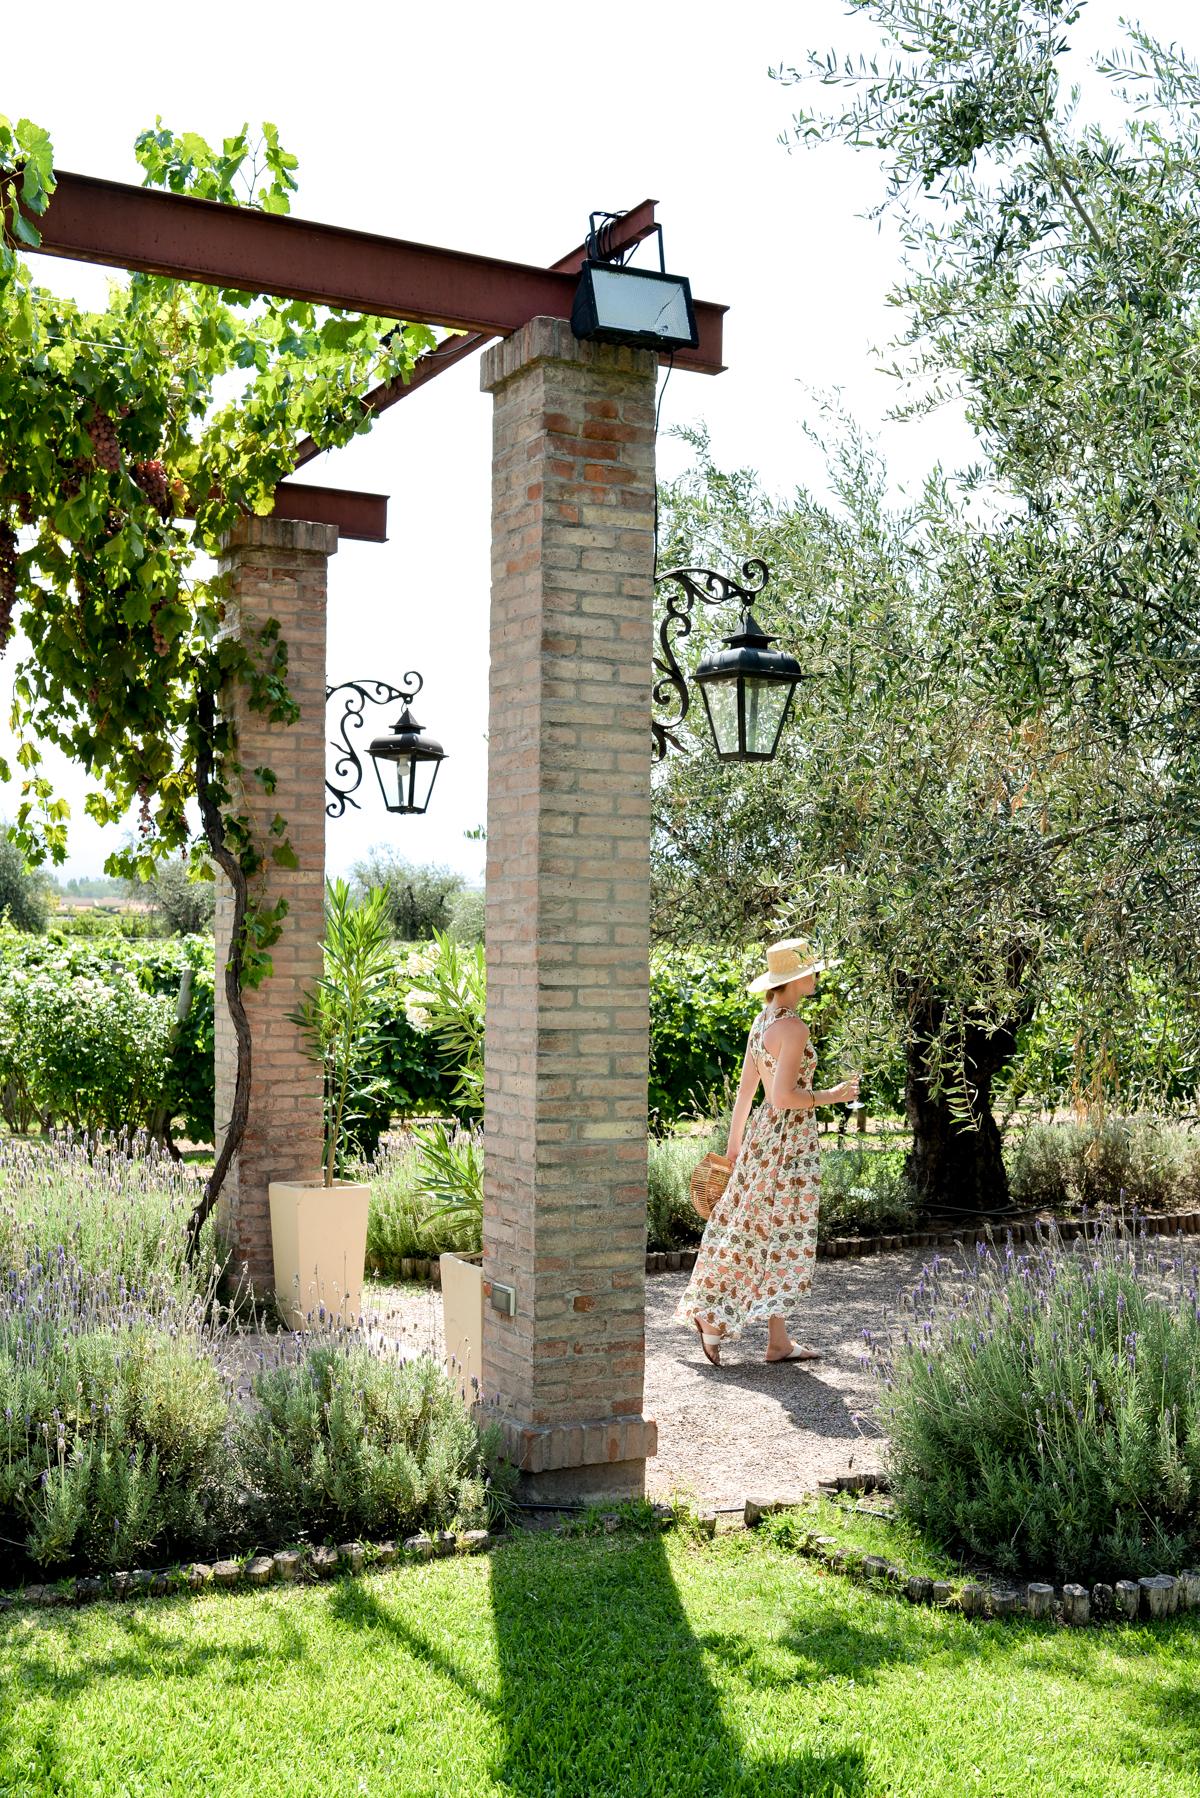 Stacie Flinner Alta Vista Winery